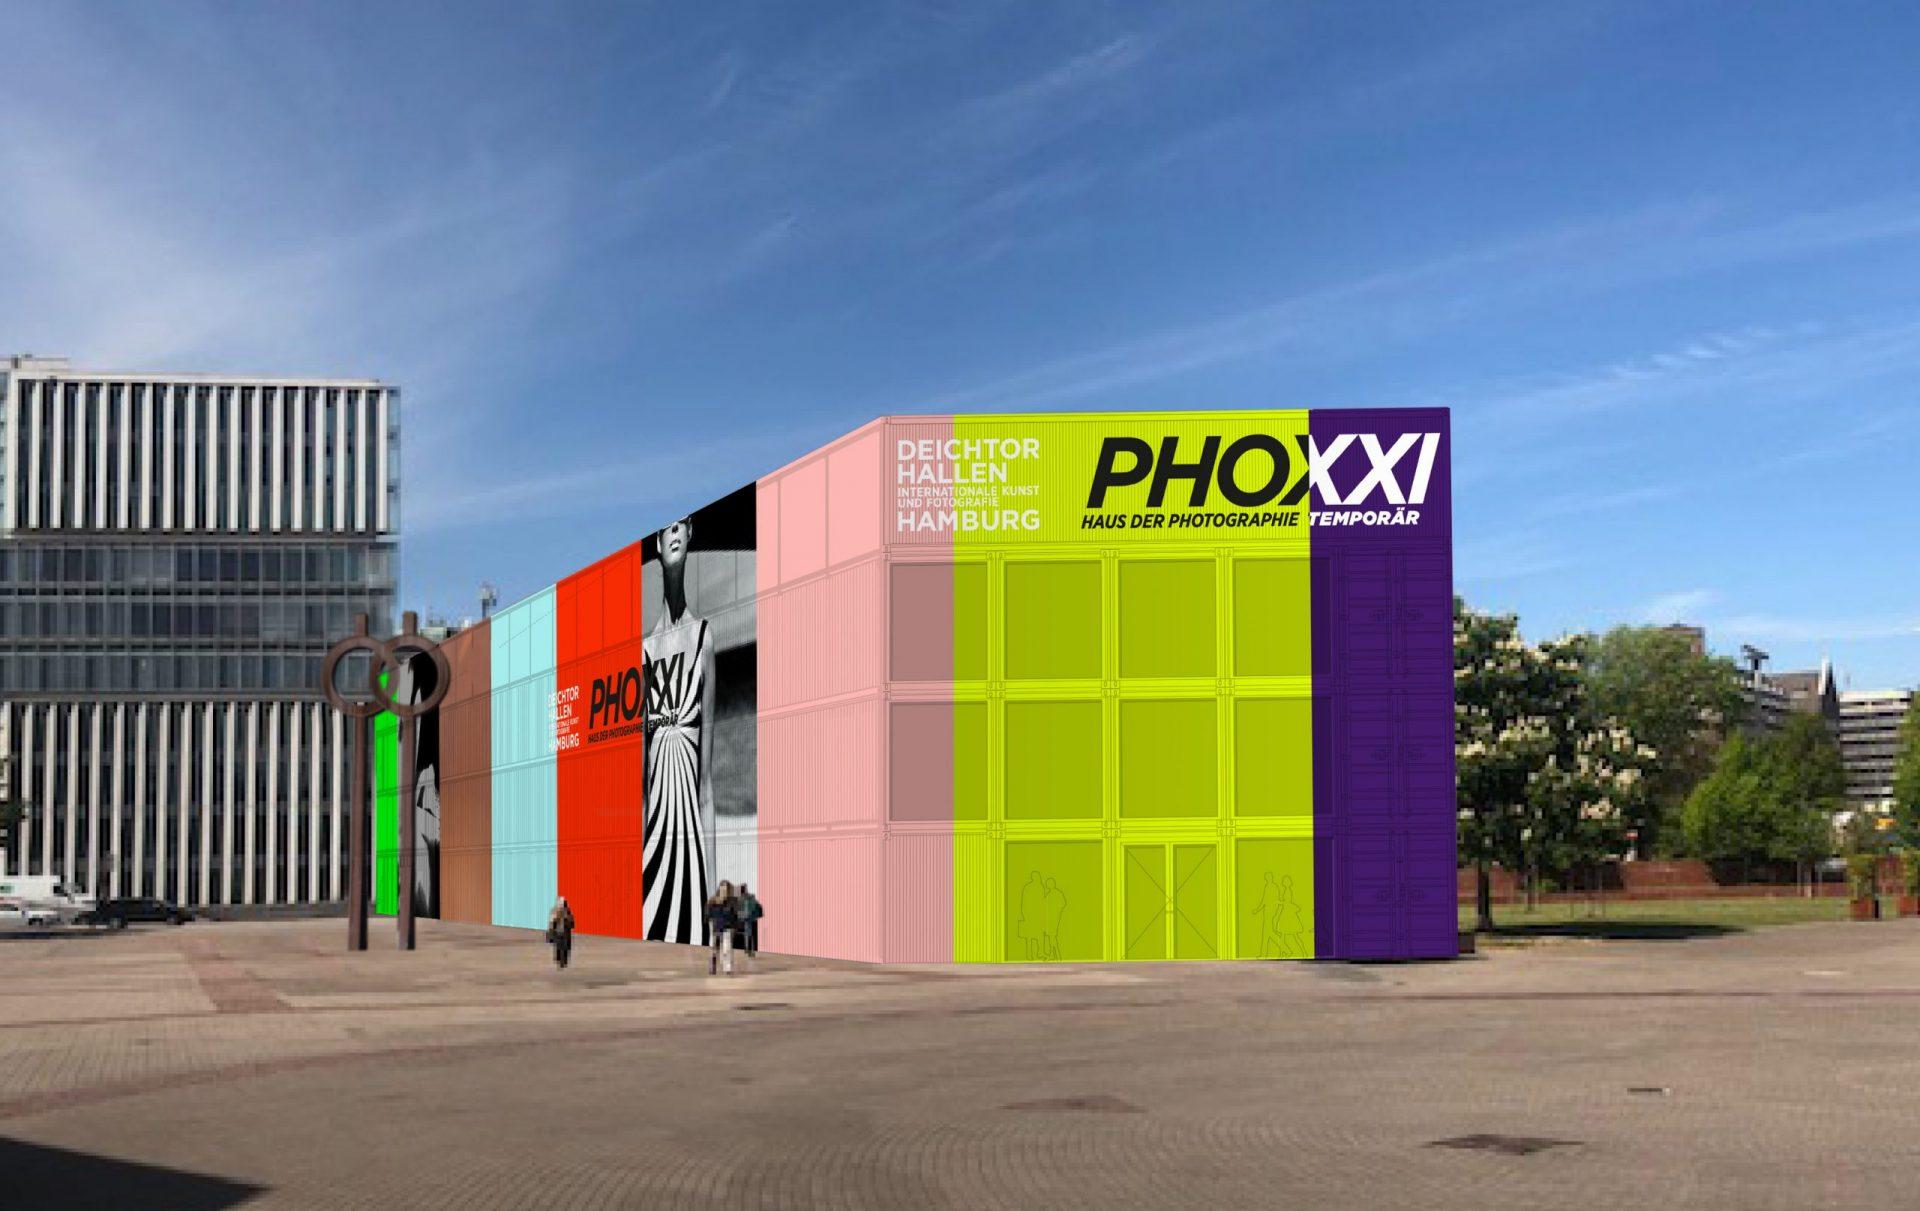 PHOXXI – temporäres Haus der Photographie